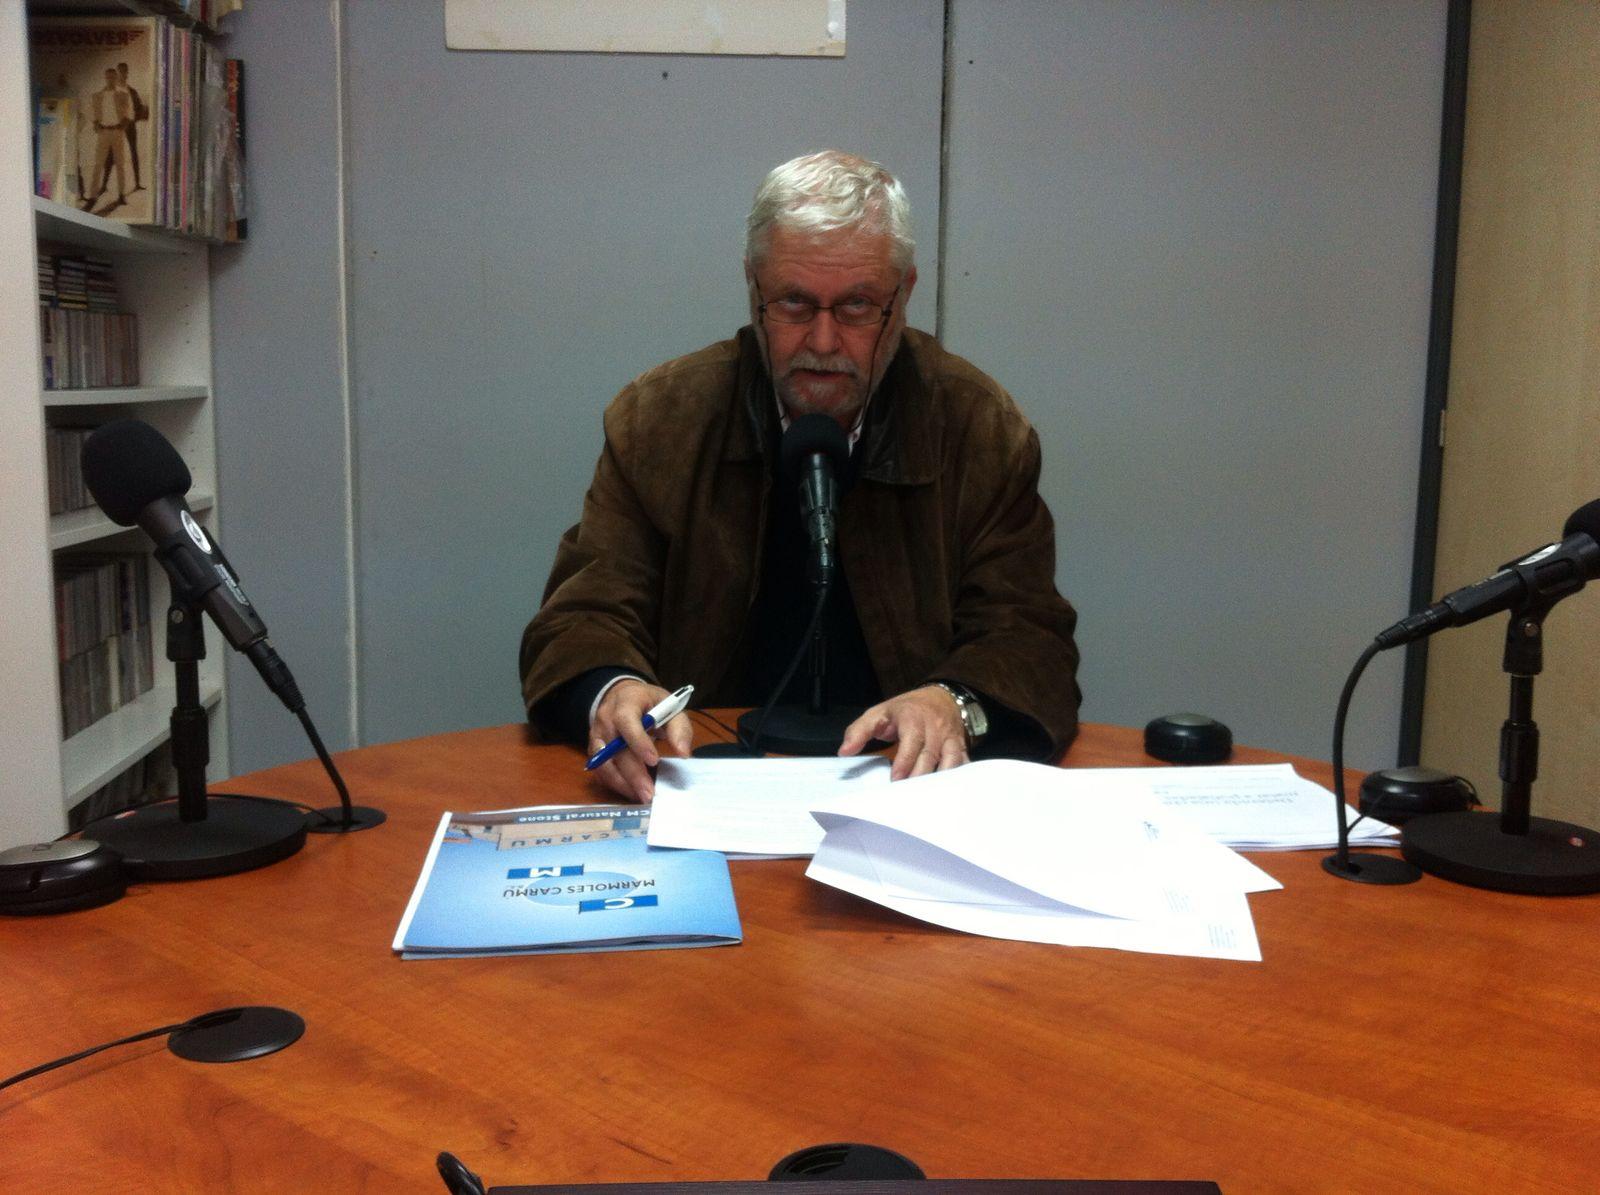 RADIO 4G. INTRODUCCIÓN LEY VIOLENCIA DE GENERO EN LA JUNGLA